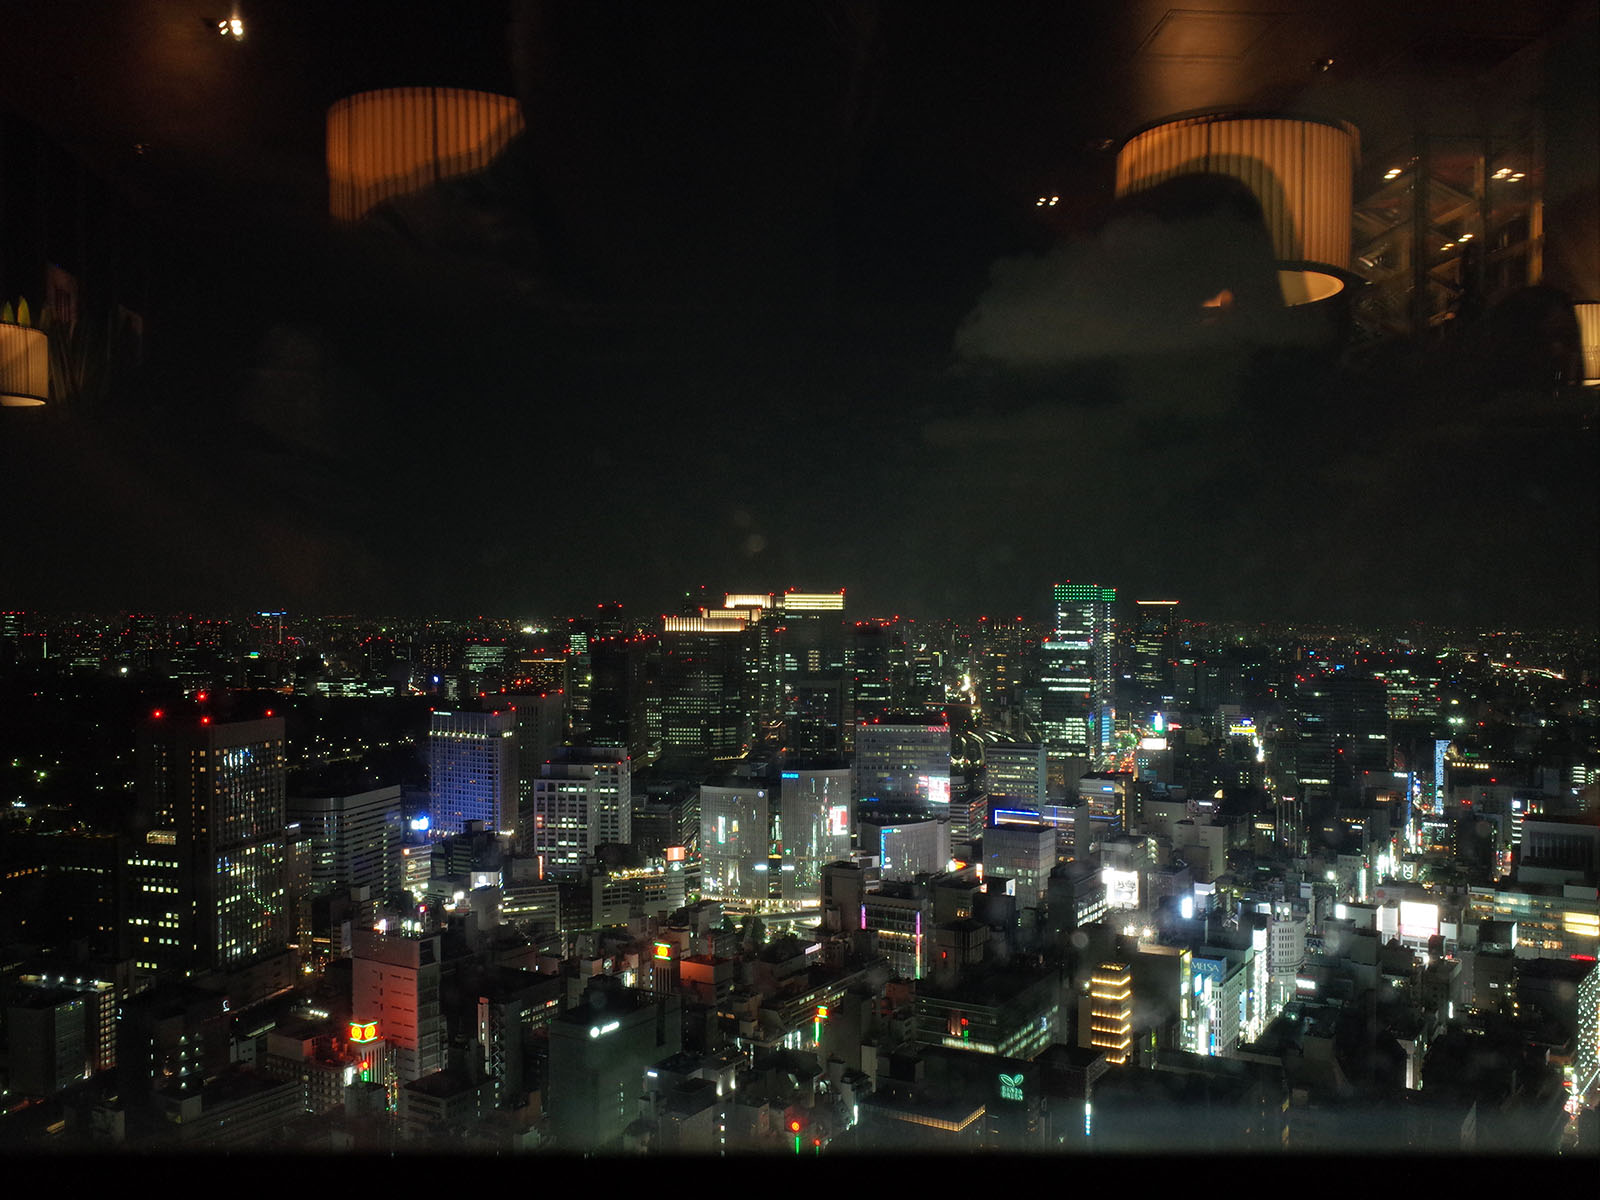 tokyo 42 nuit